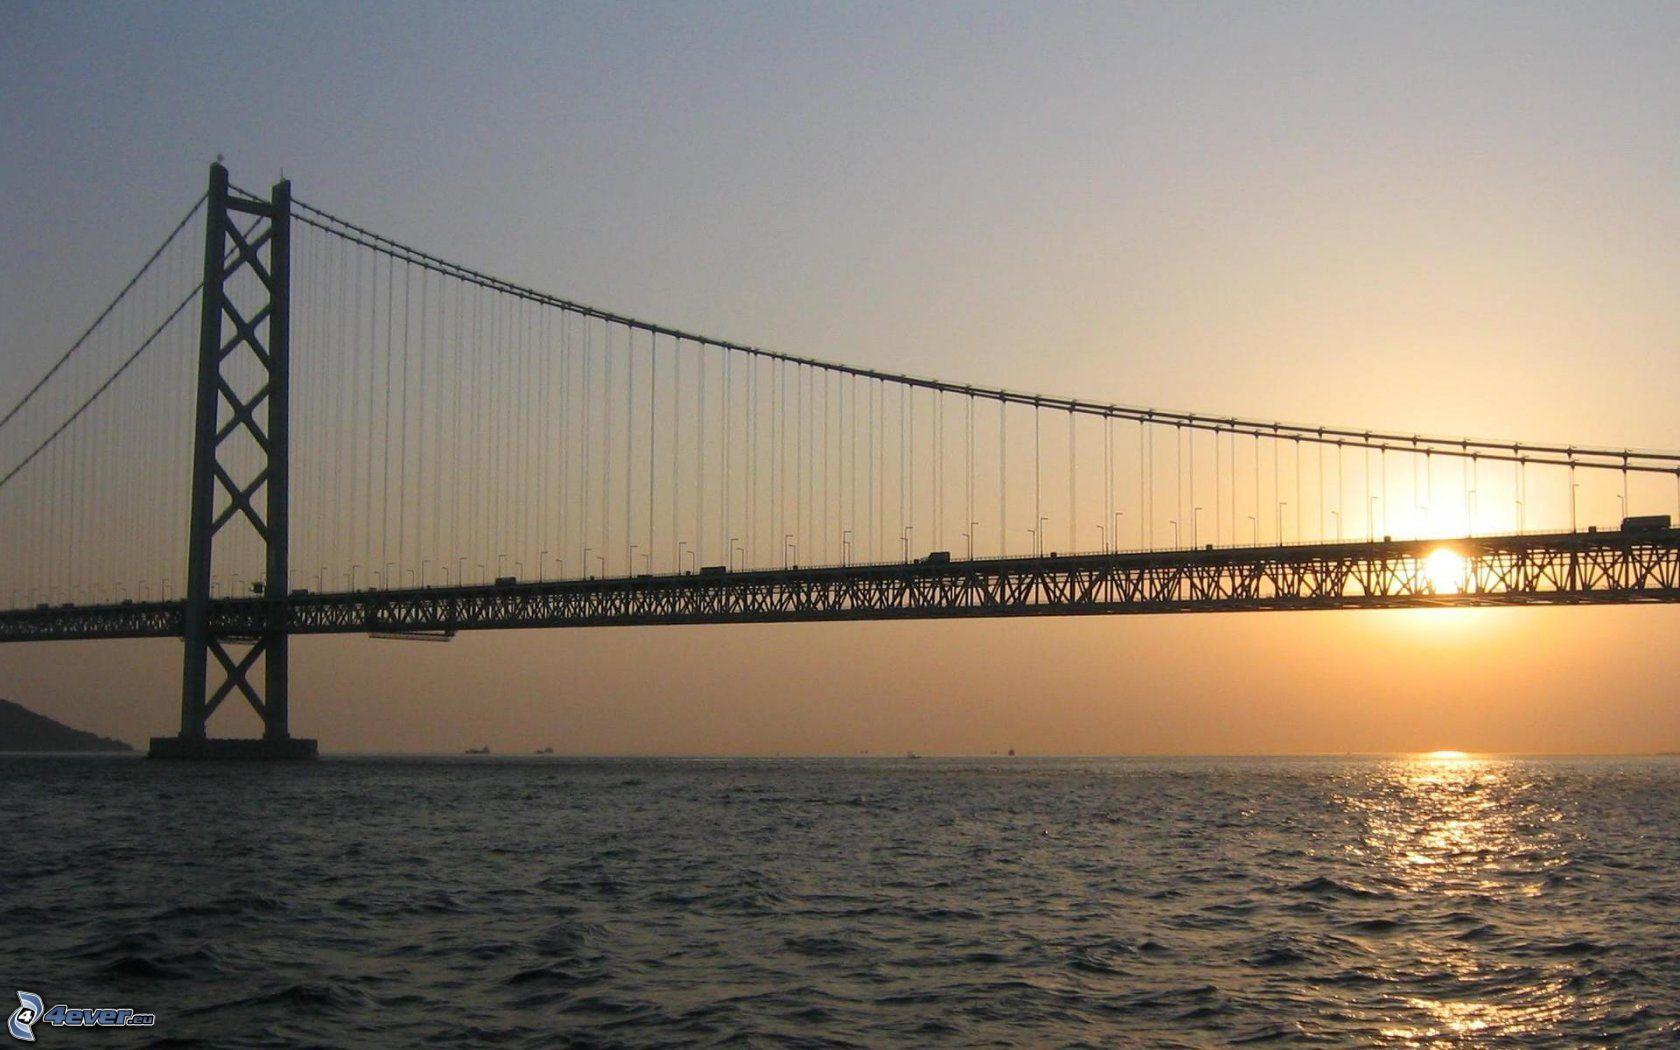 Akashi Kaikyo Bridge Images, Stock Photos Vectors Shutterstock Akashi kaikyo bridge images